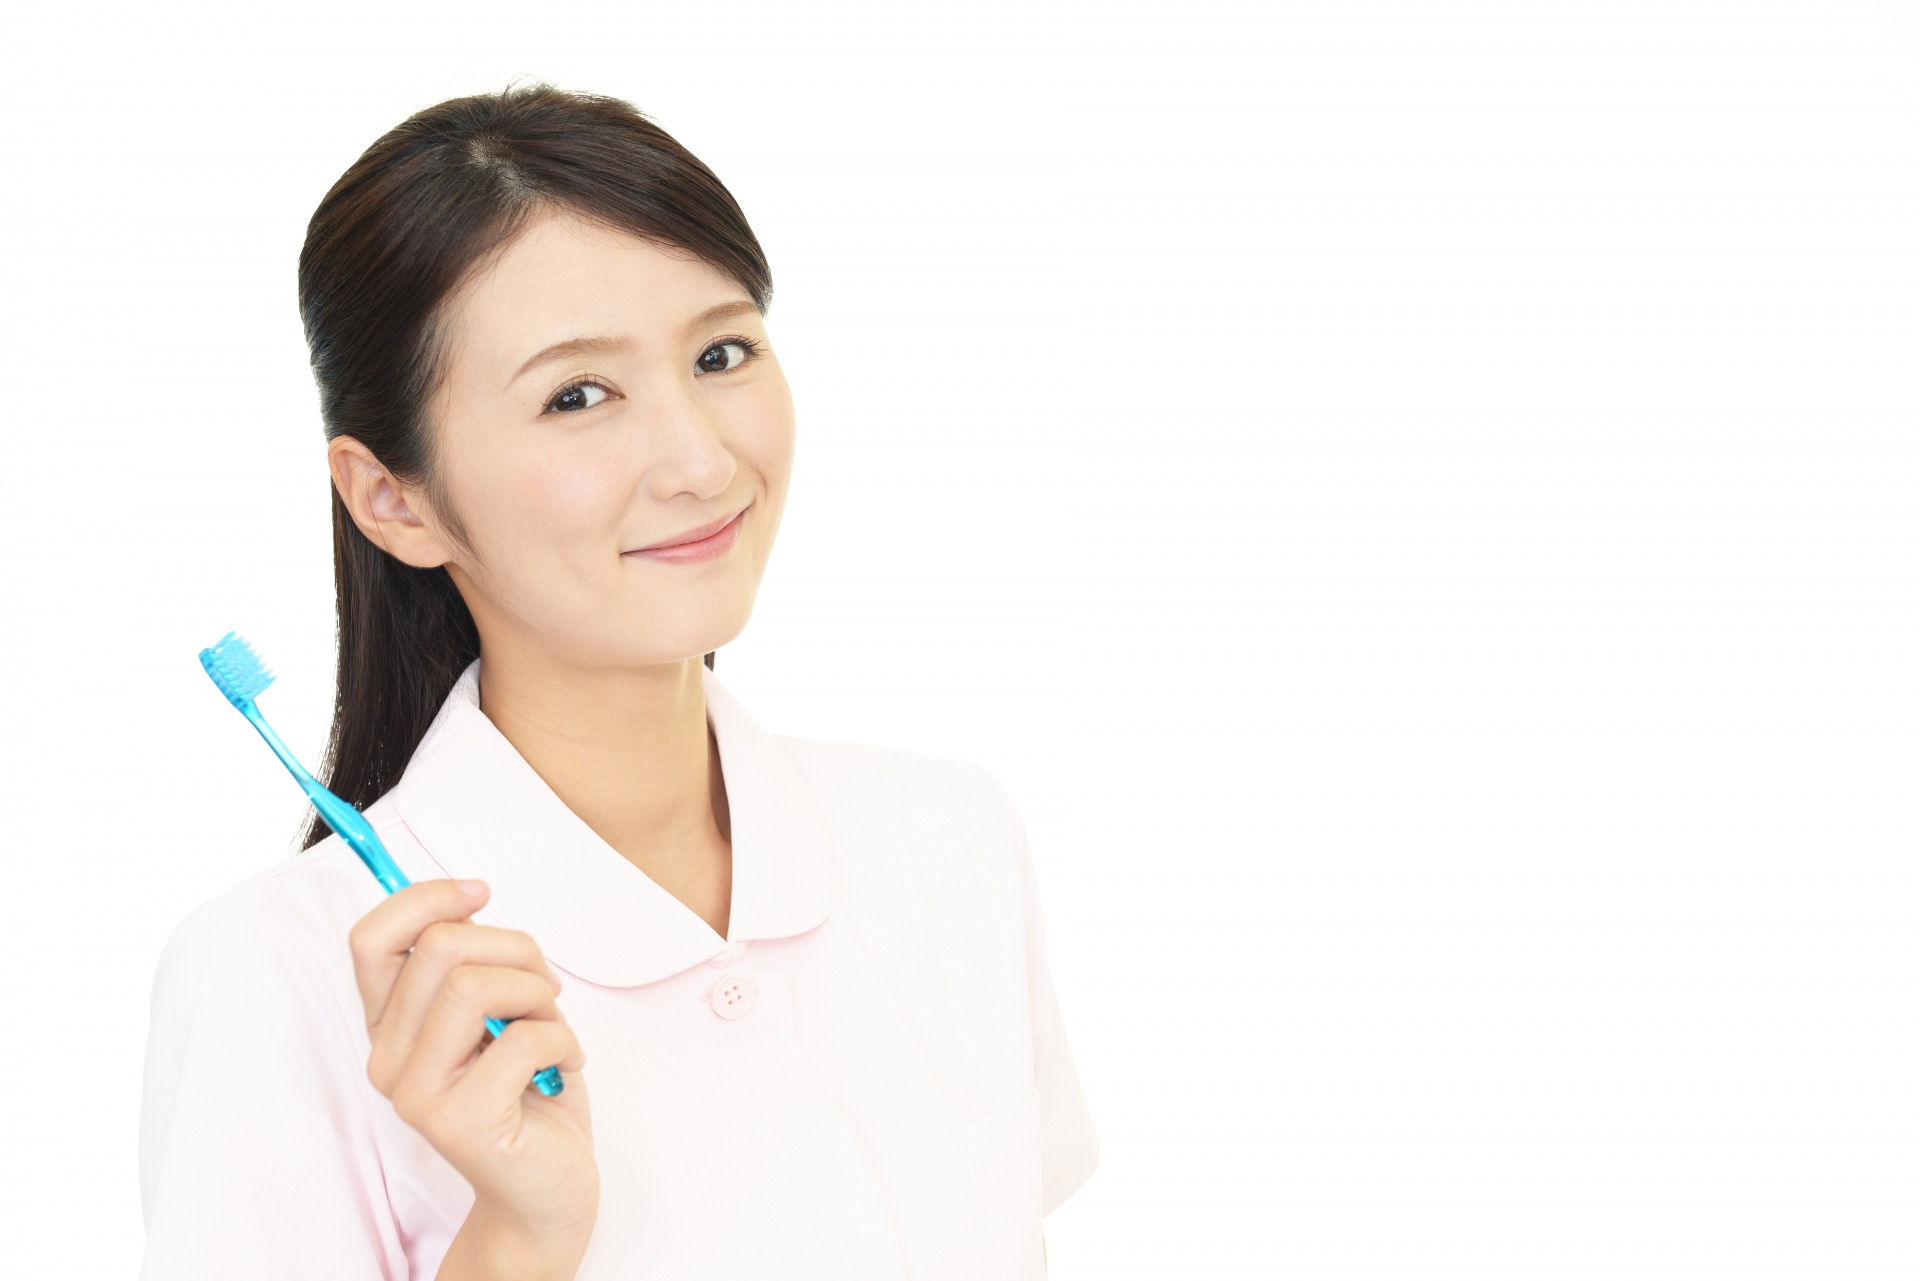 歯科衛生士 給料 安い